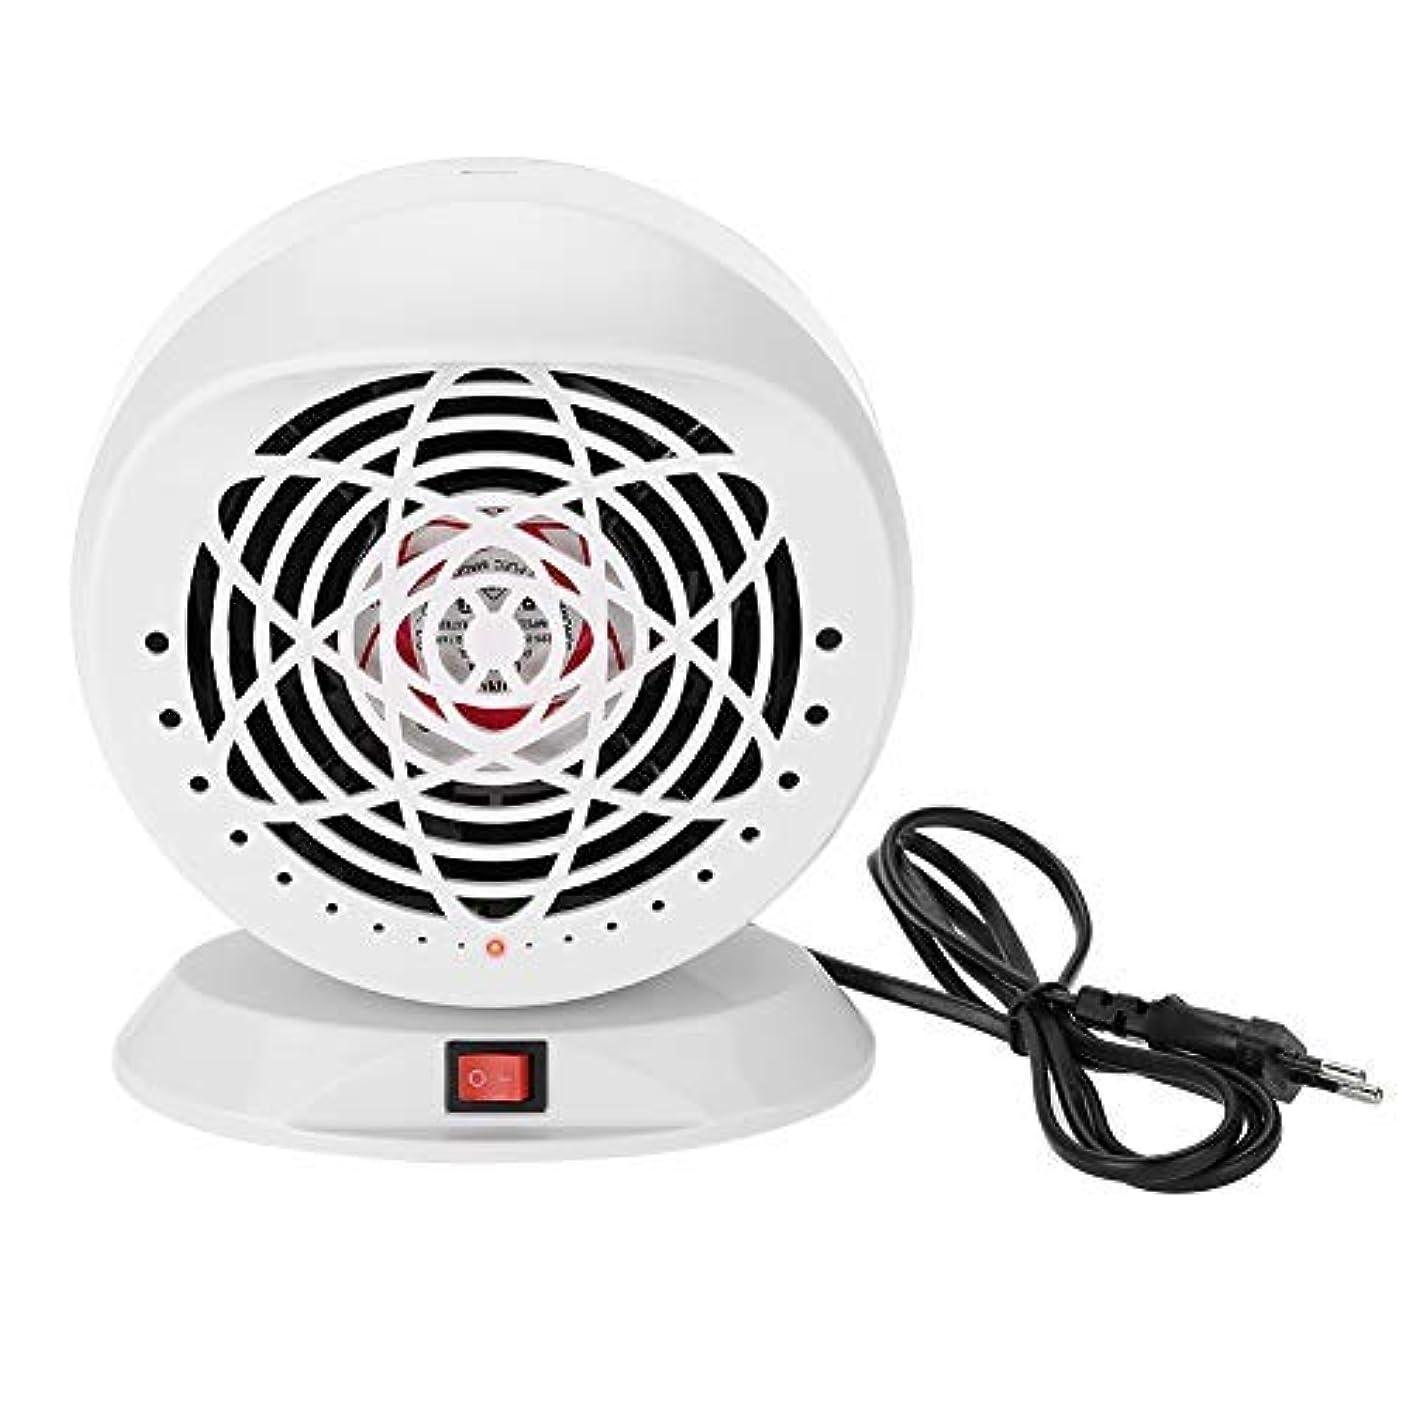 ドナー活性化する逆さまにネイル集塵機 25W ネイルダスト ネイル機器 ミニサイズ 低騒音 ネイルケア サロン お手入れ簡単